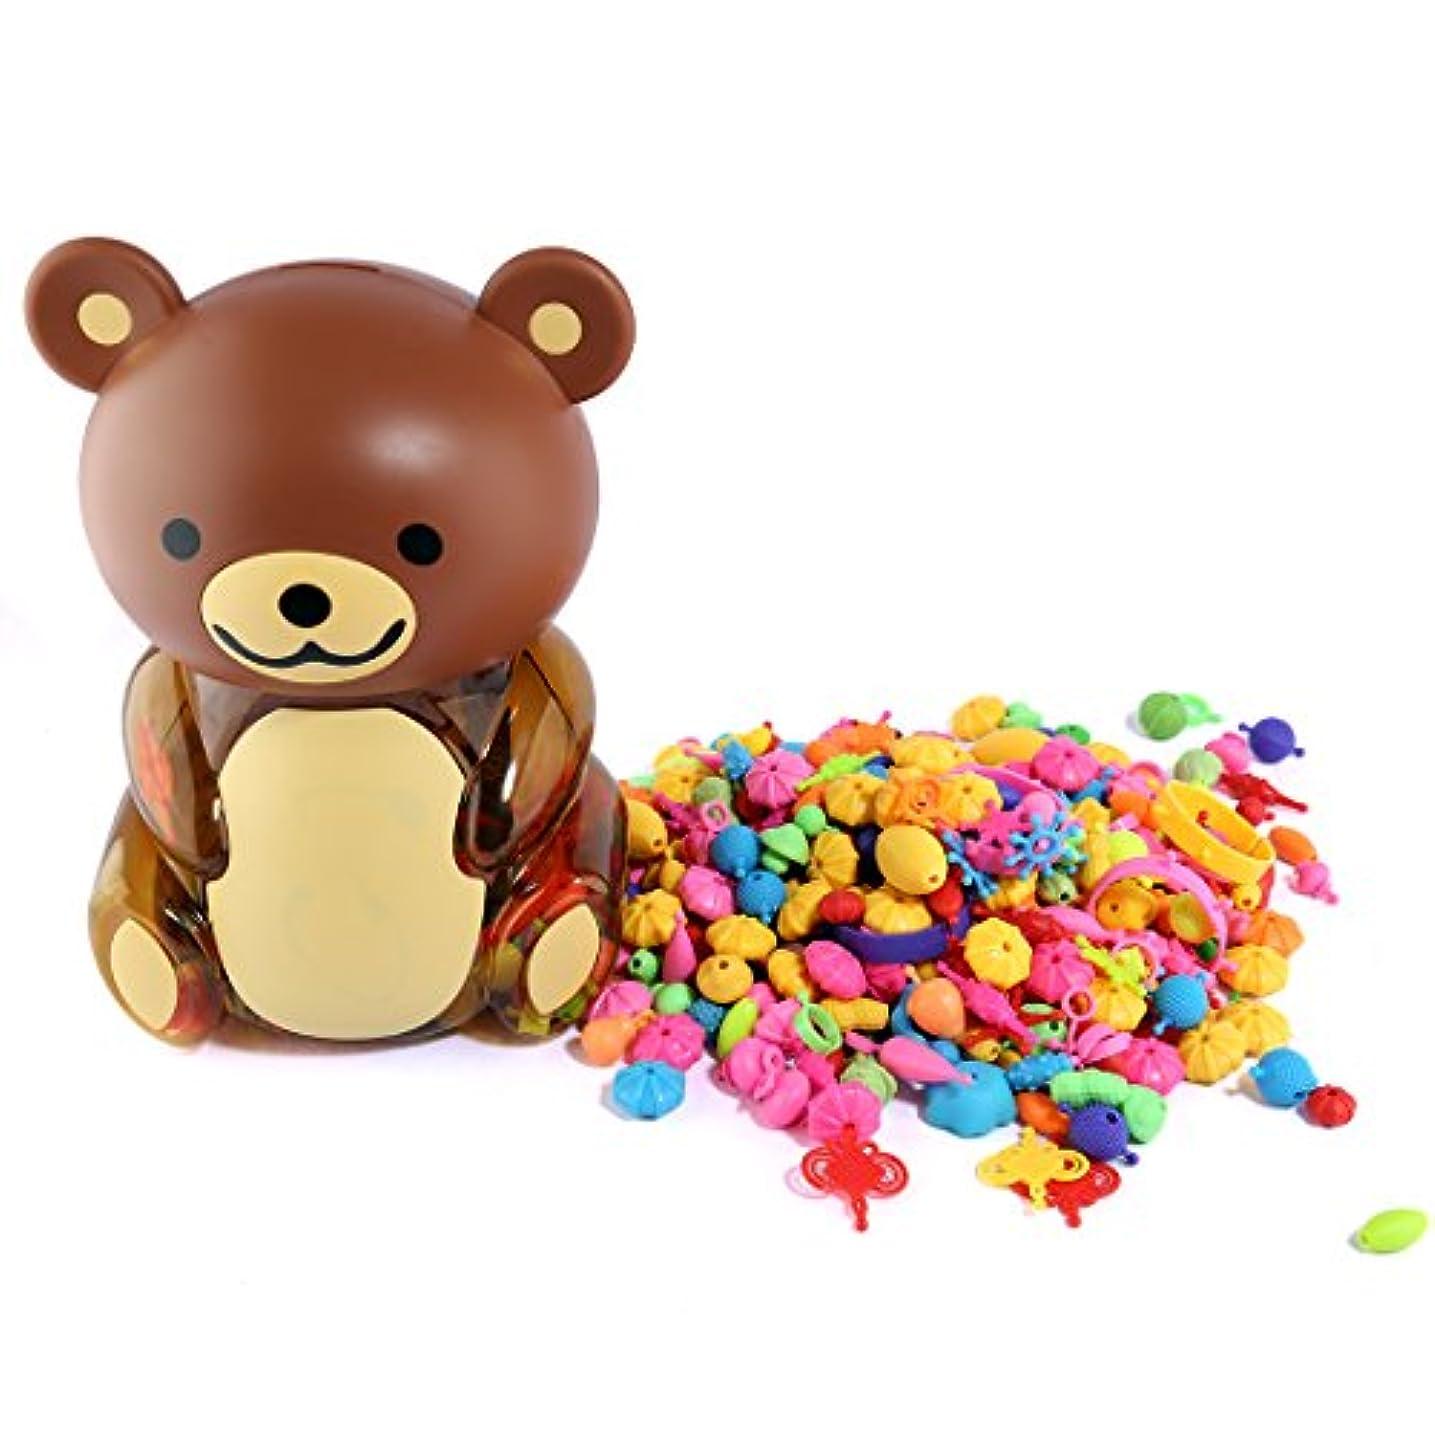 再現する旅行代理店安心させるPopeビーズおもちゃ, YIFAN 500枚入りプラスチックDIY PopeビーズおもちゃGirlsネックレスブレスレットMakingクラフトキットfor Kids ( Bear ShapeストレージJarパック – ブラウン+ランダムカラービーズ